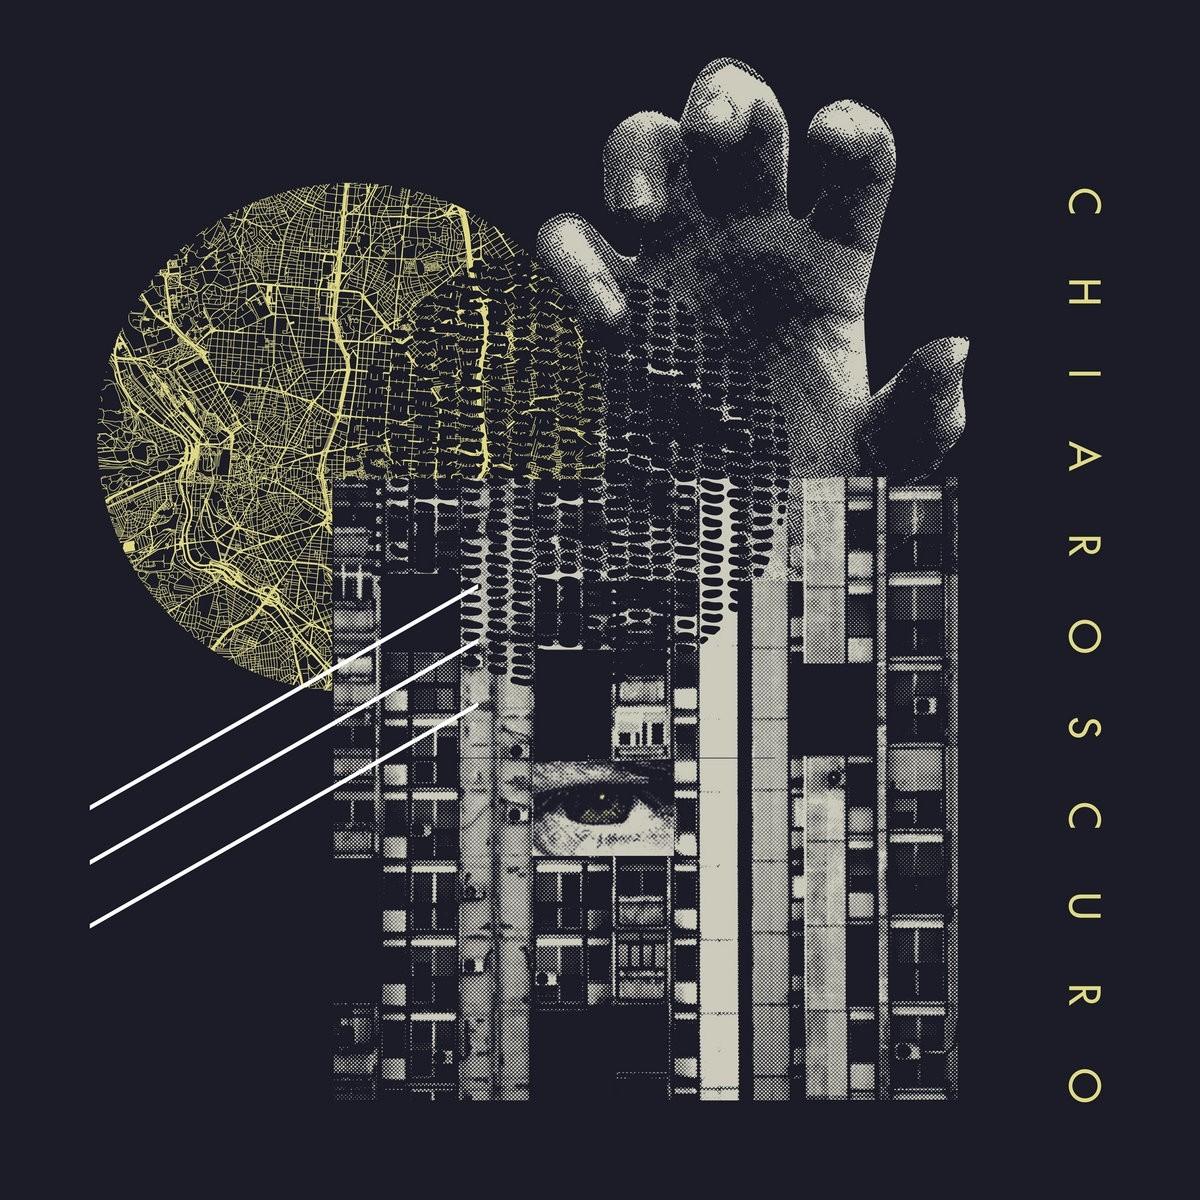 Chiaroscuro - st LP